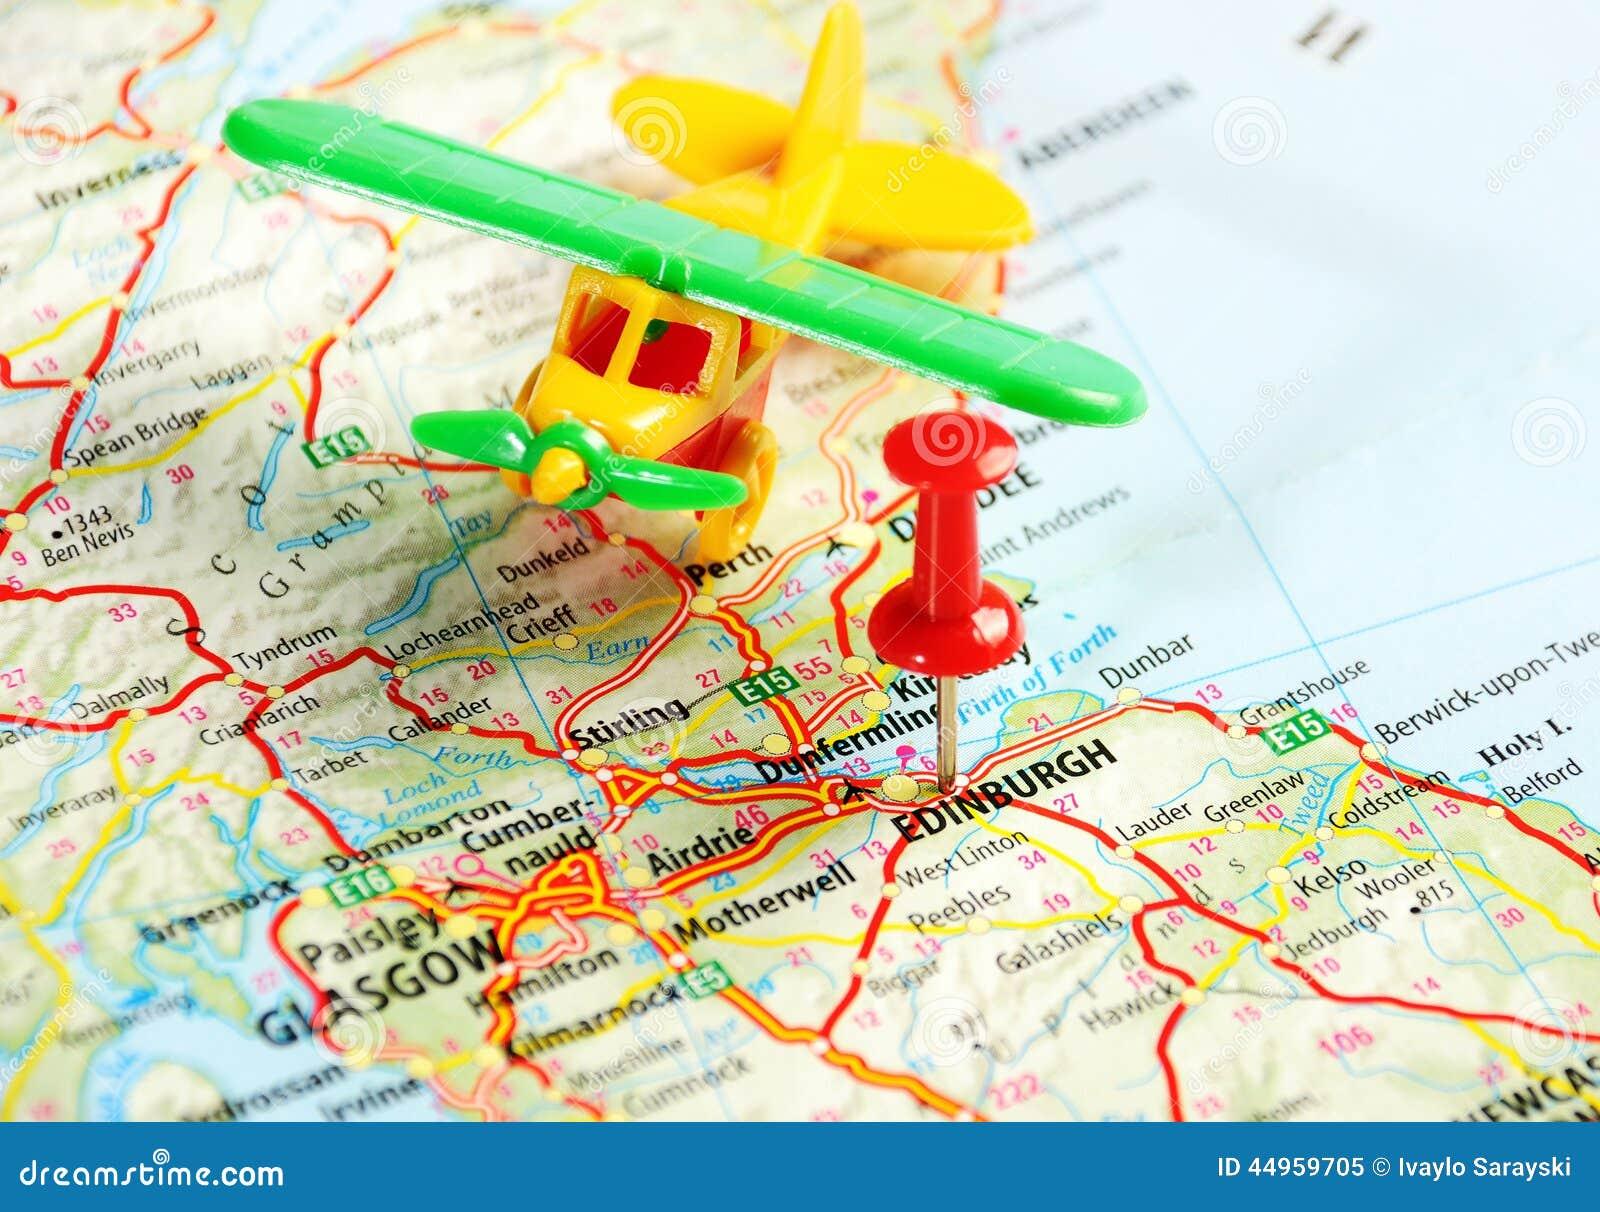 爱丁堡苏格兰,英国地图飞机和别针-旅行概念.图片